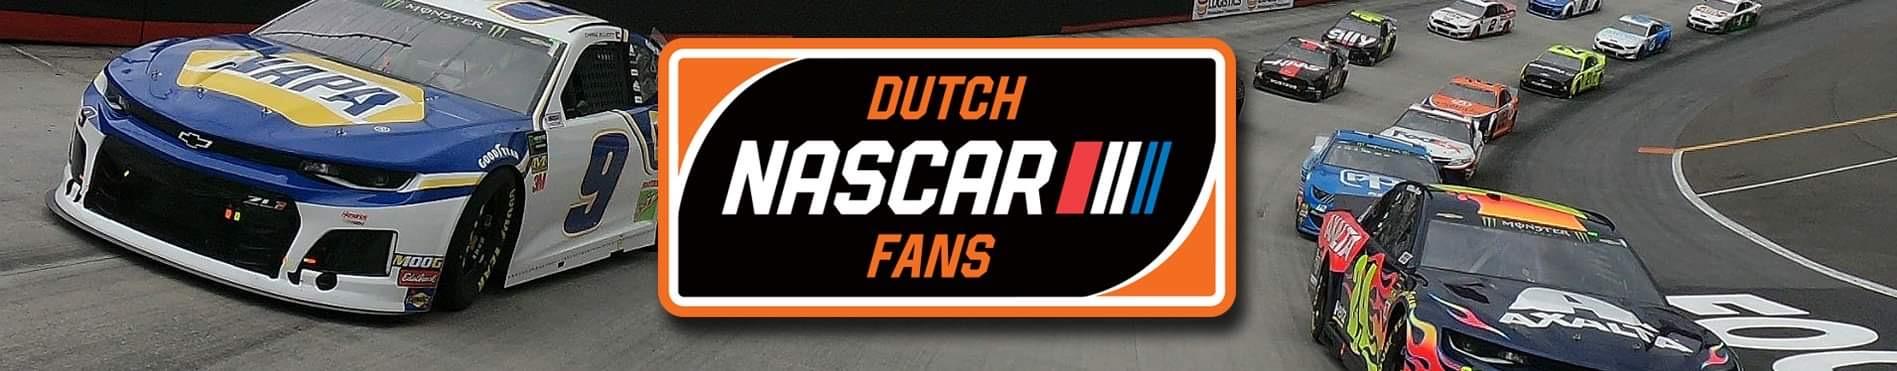 Dutch Nascar Fans